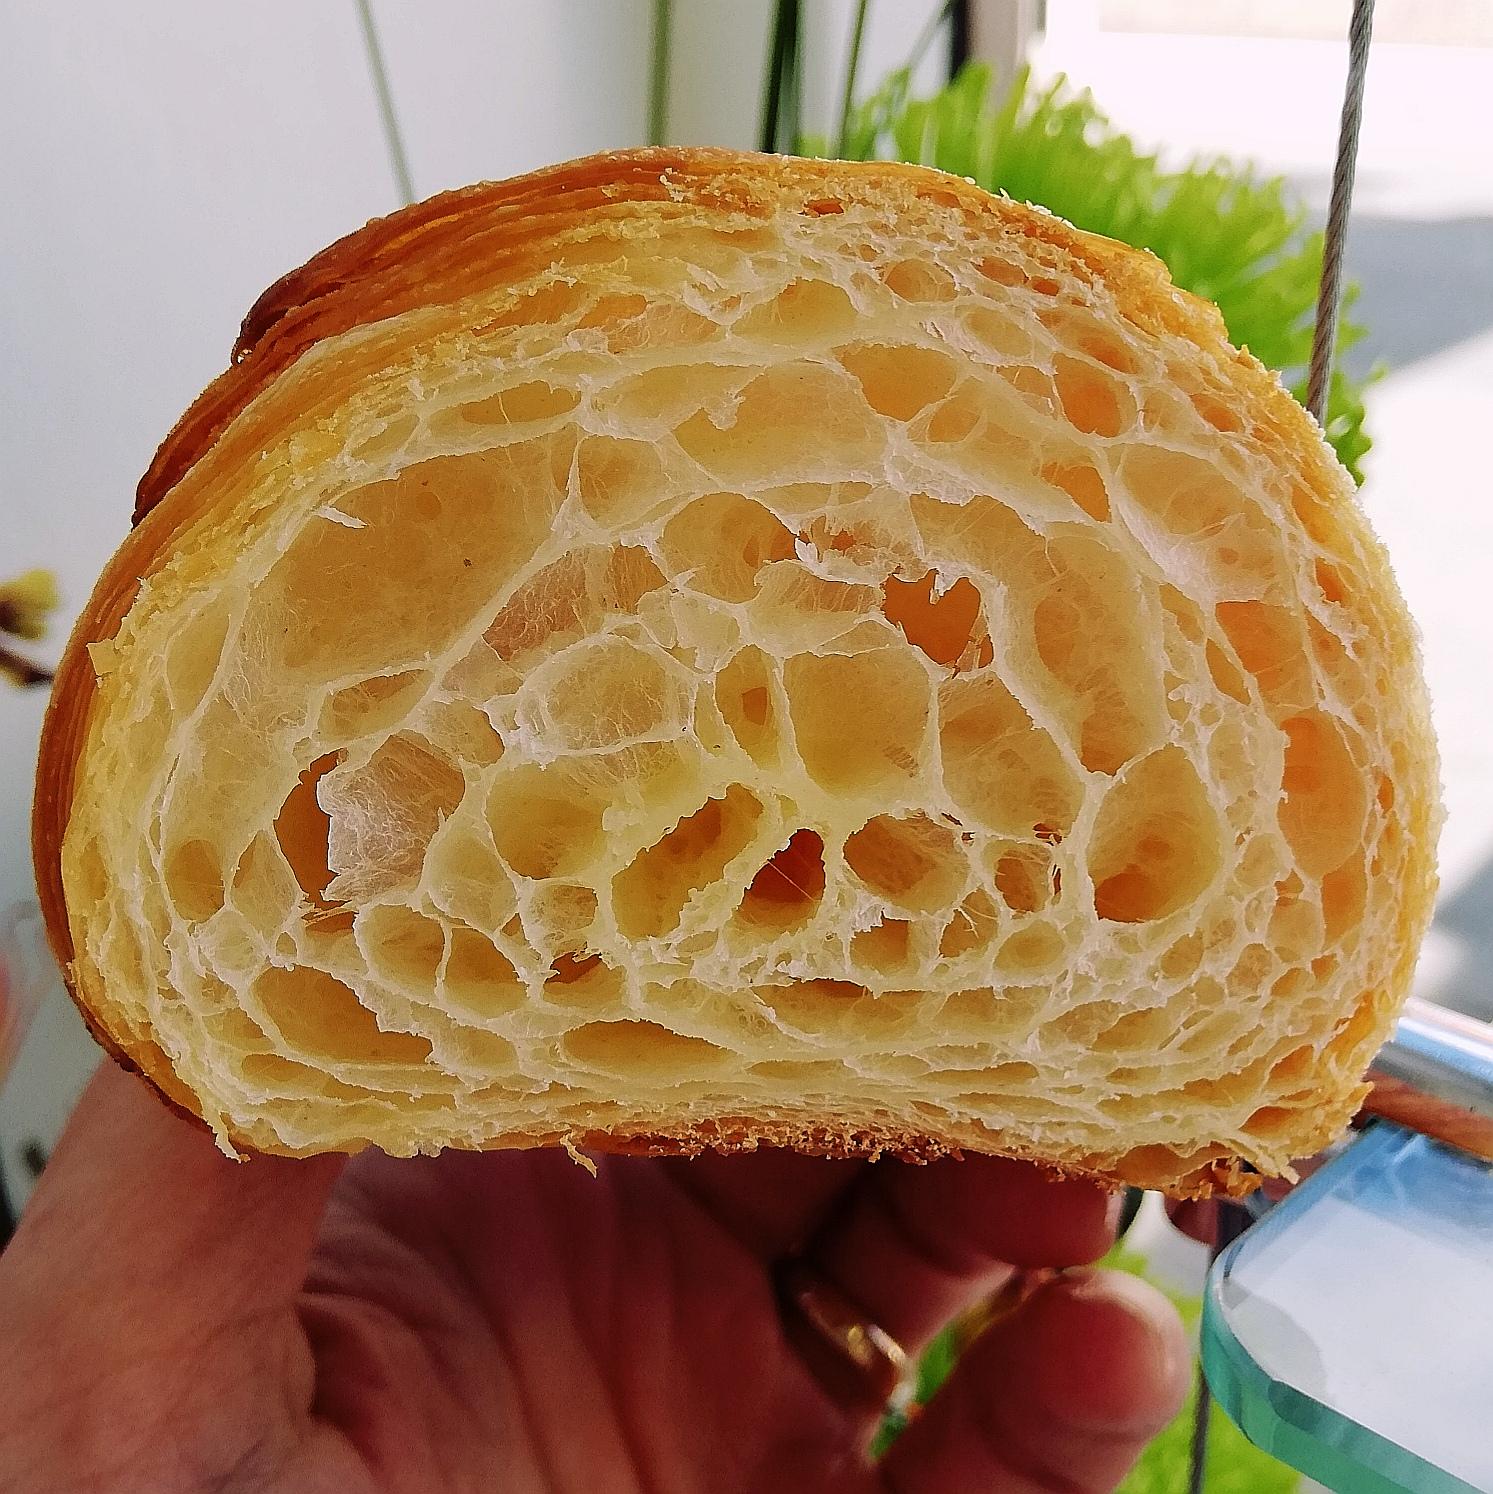 (FRI) Croissant